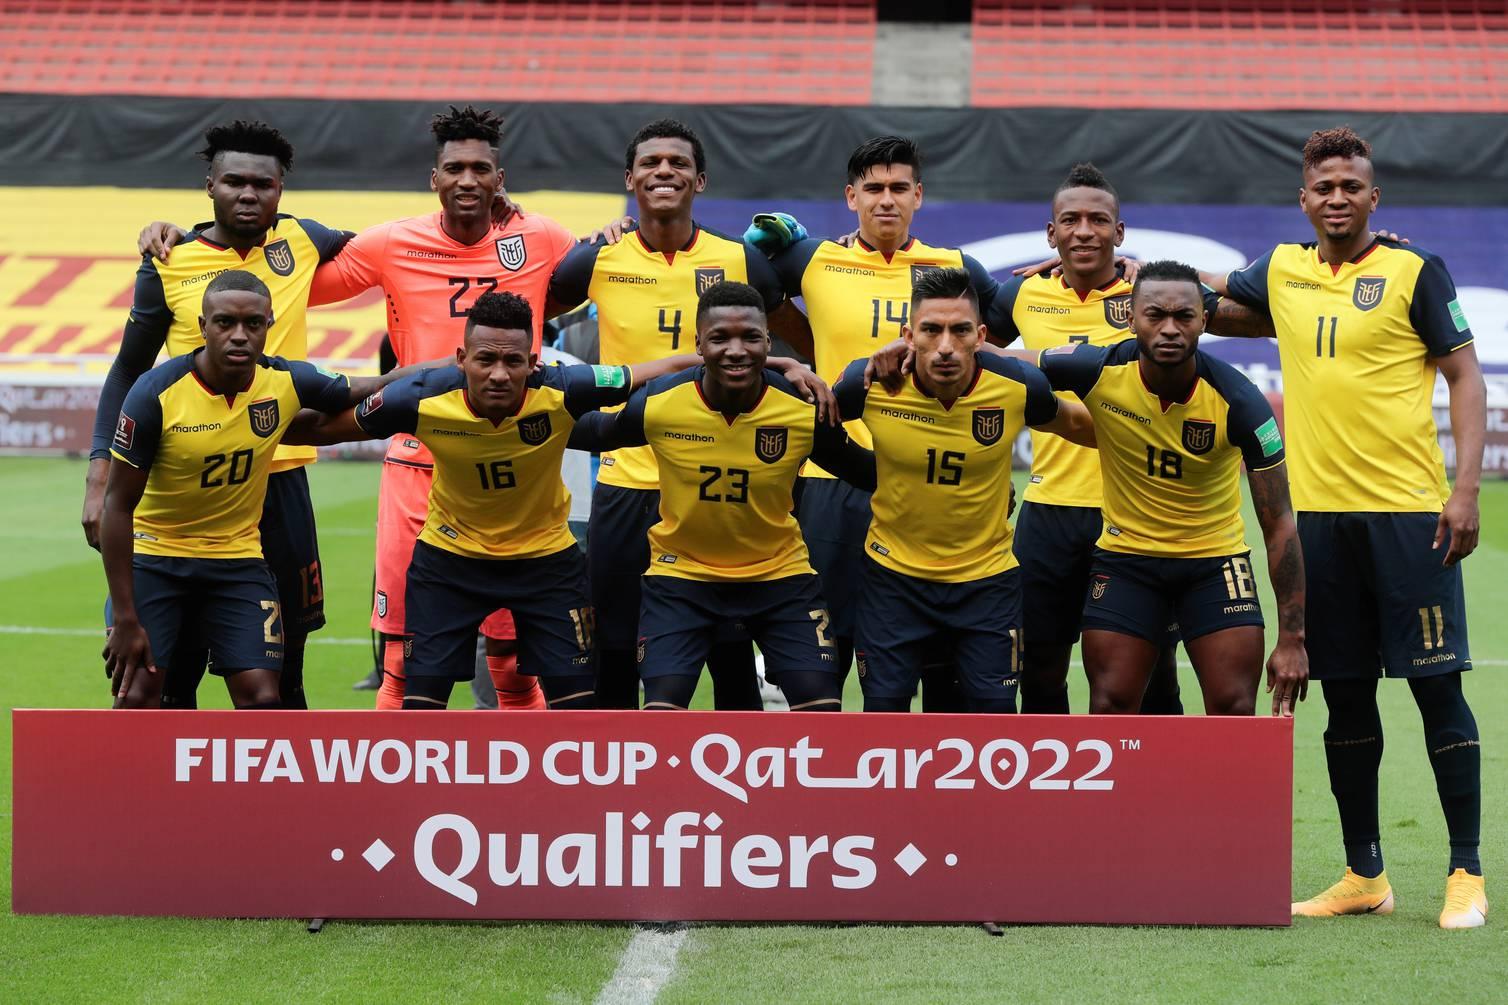 Los 28 convocados de Ecuador para la Copa América 2021 en Brasil